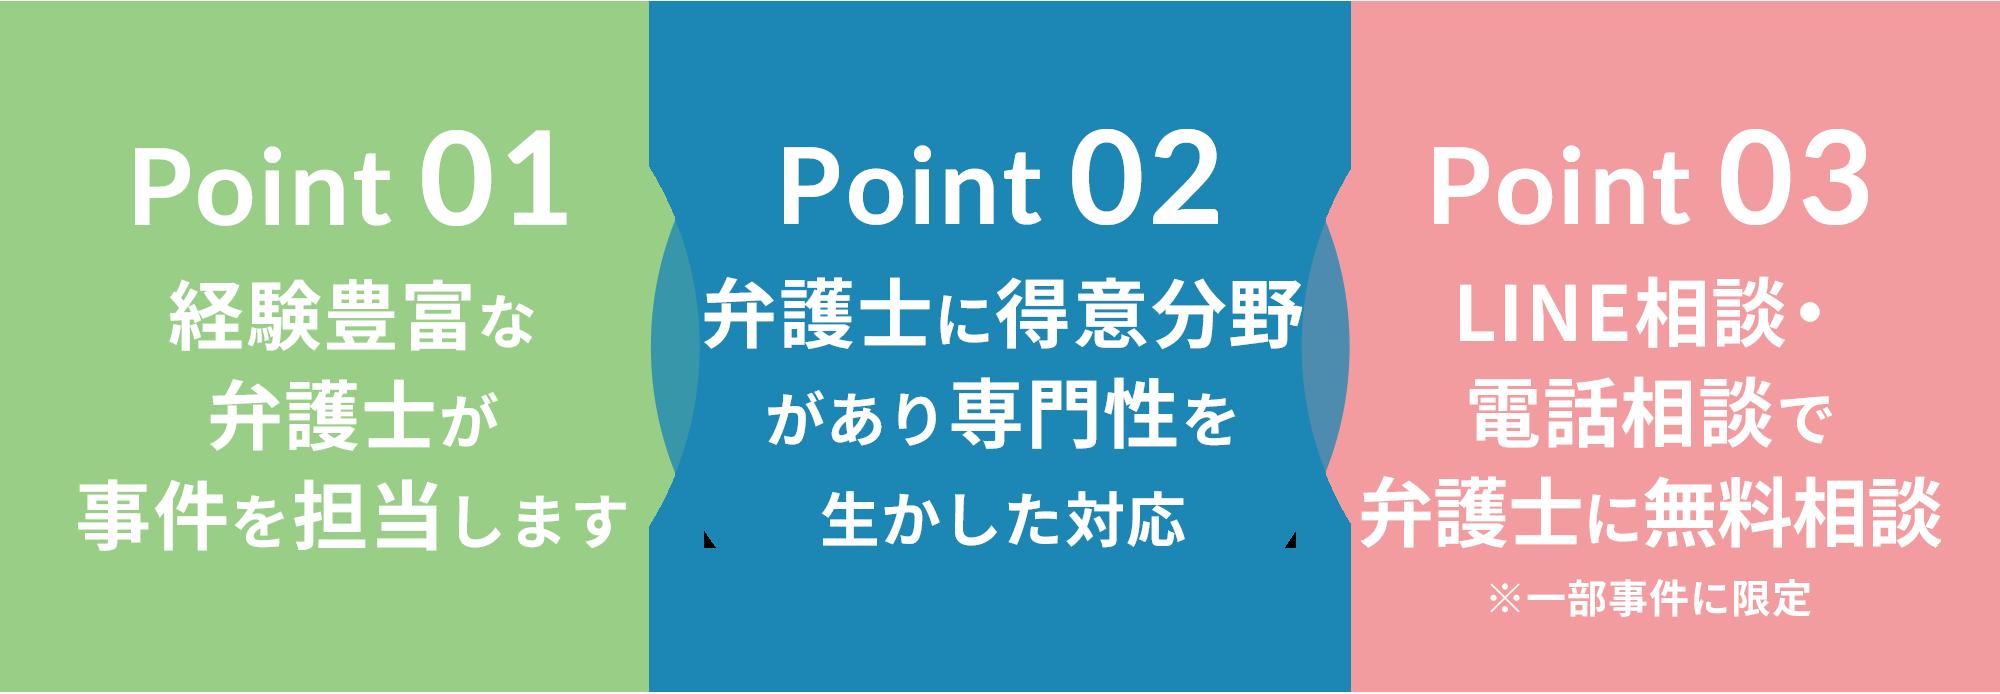 新大阪から徒歩5分・夜間休日にもご相談・交通事故の電話相談に対応